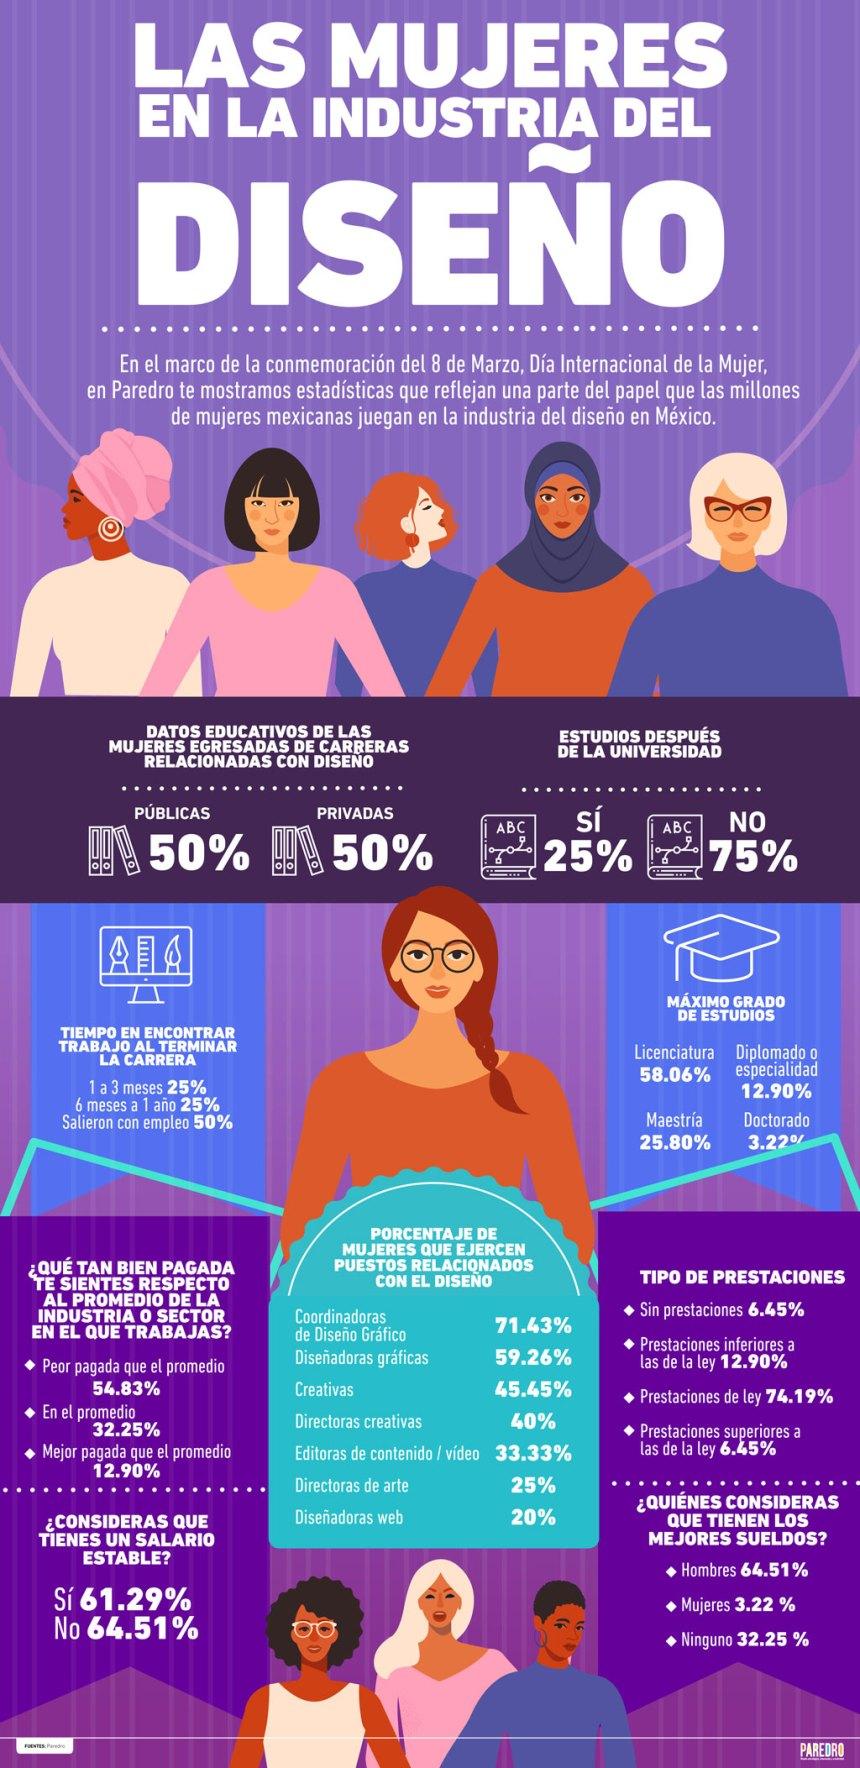 Las mujeres en la industria del Diseño